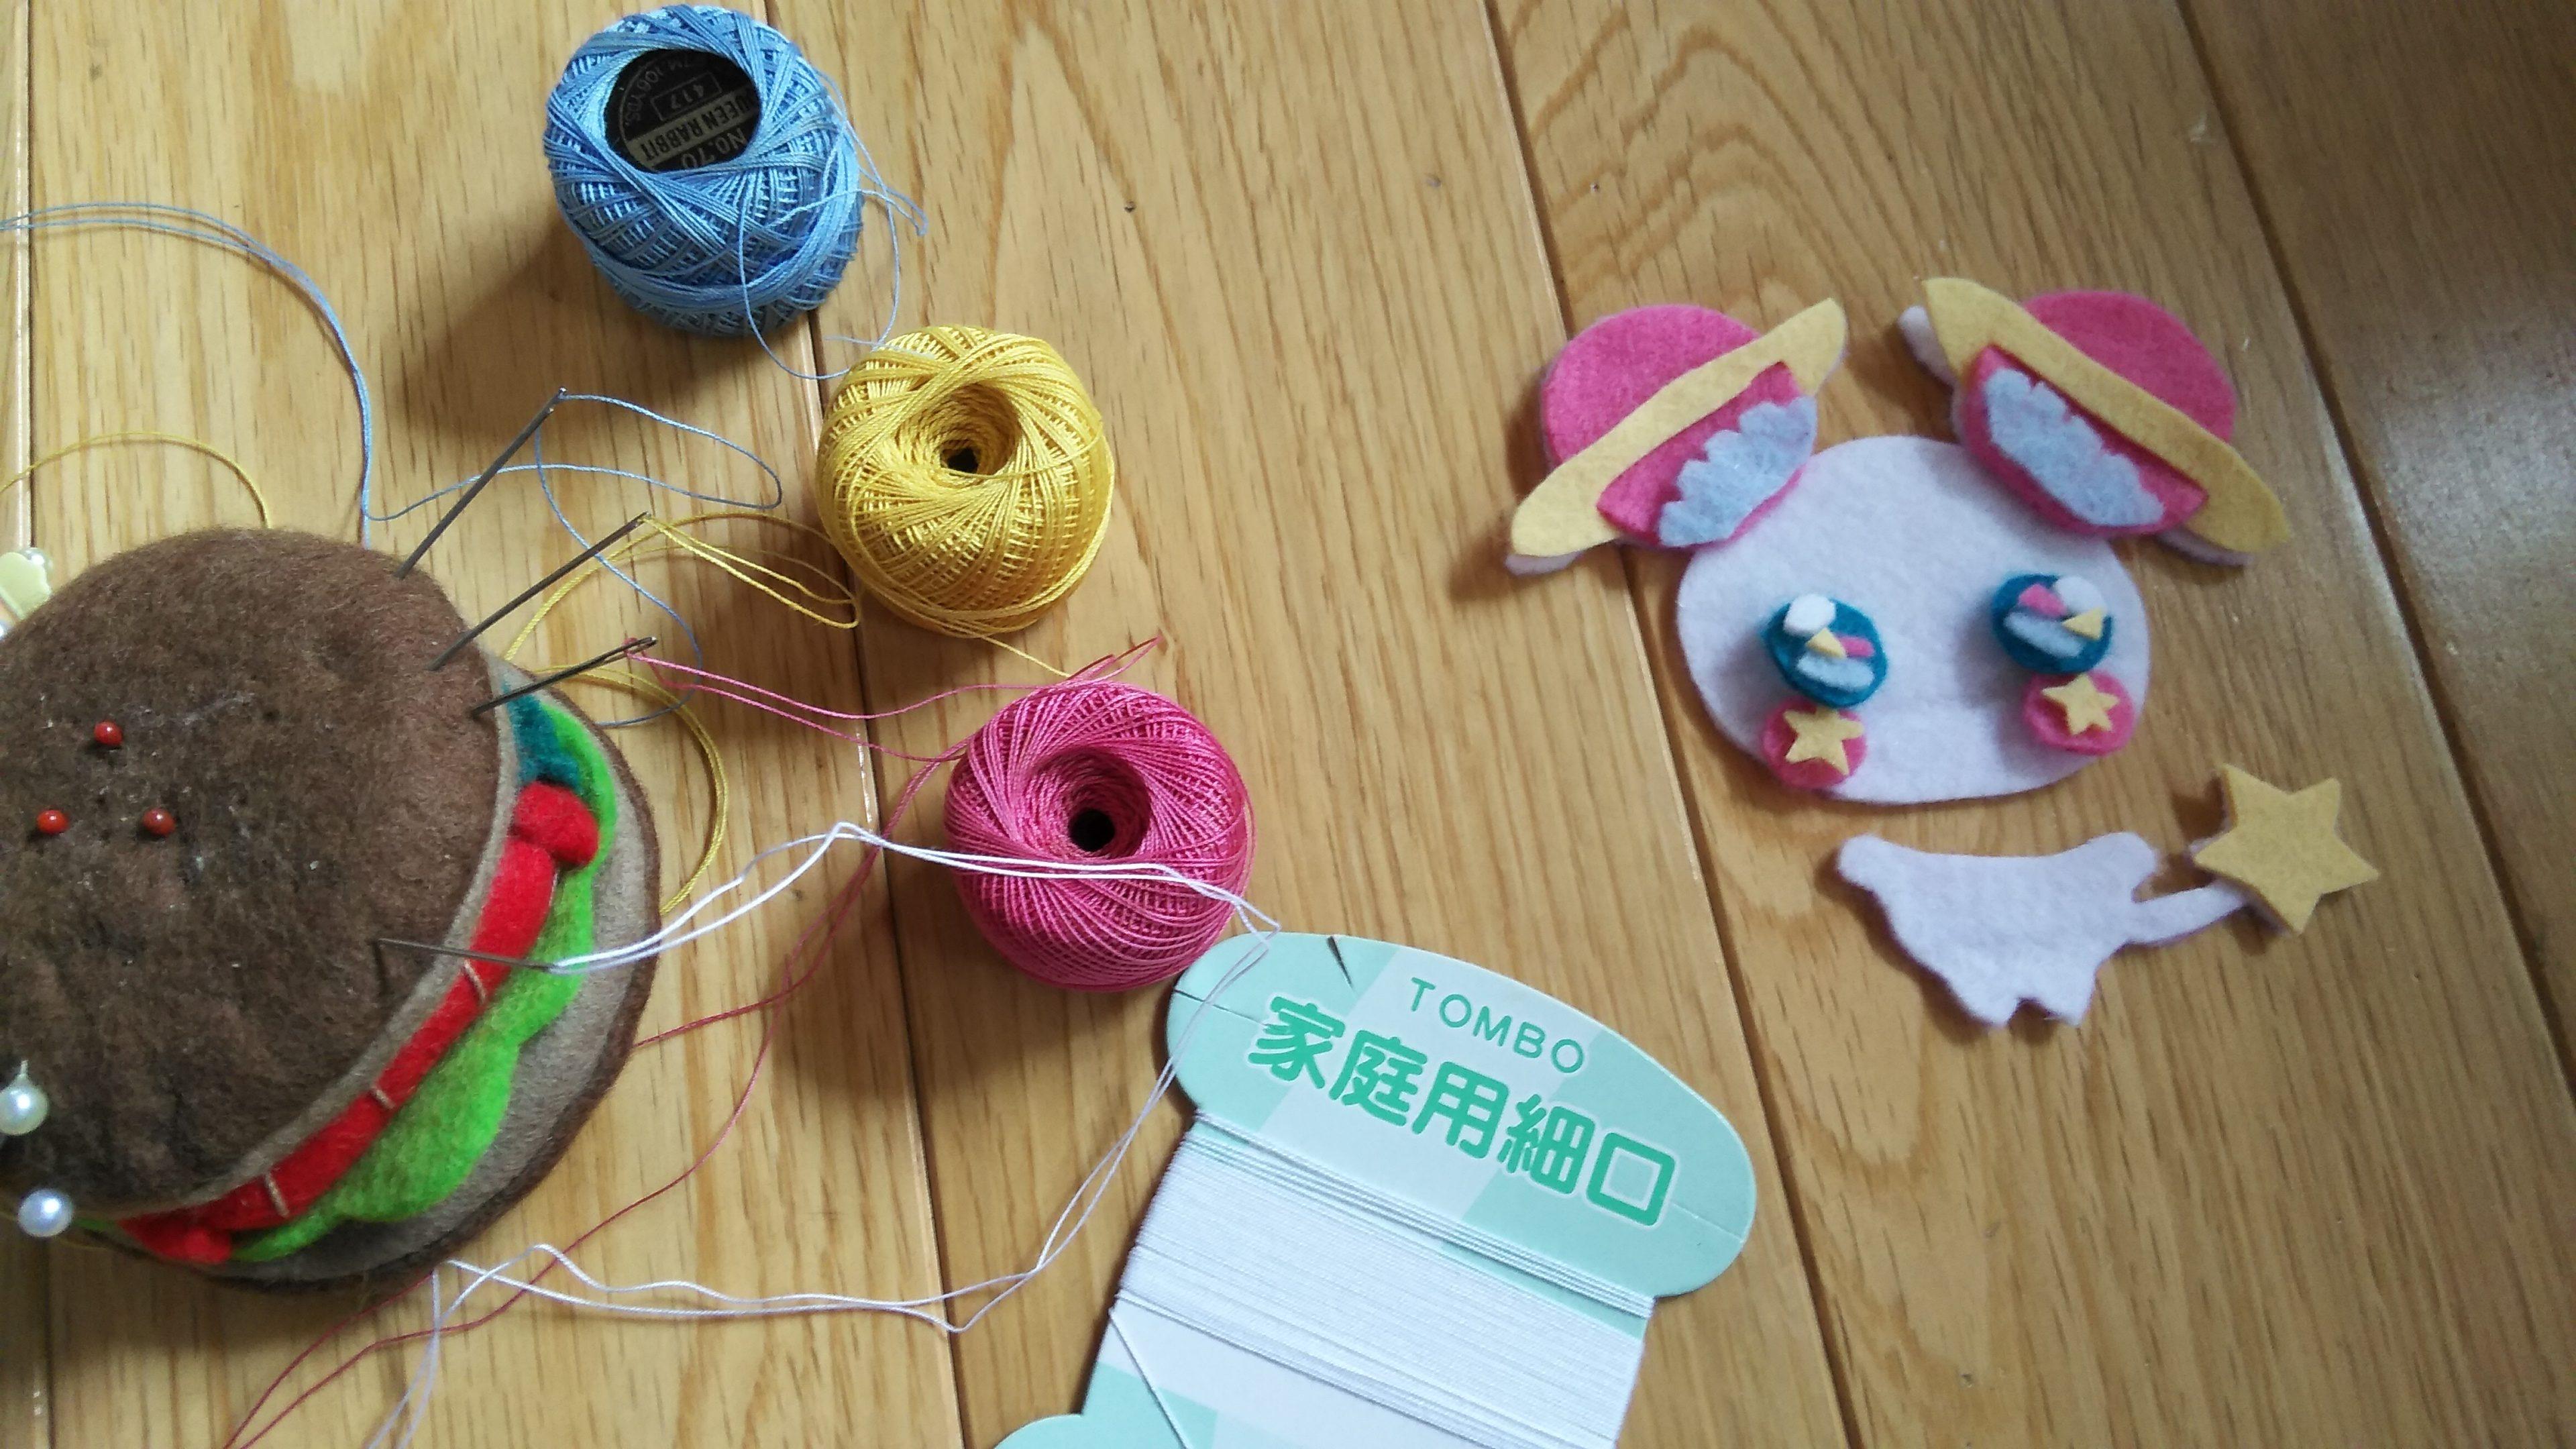 マスコット作り。パーツ縫い付け